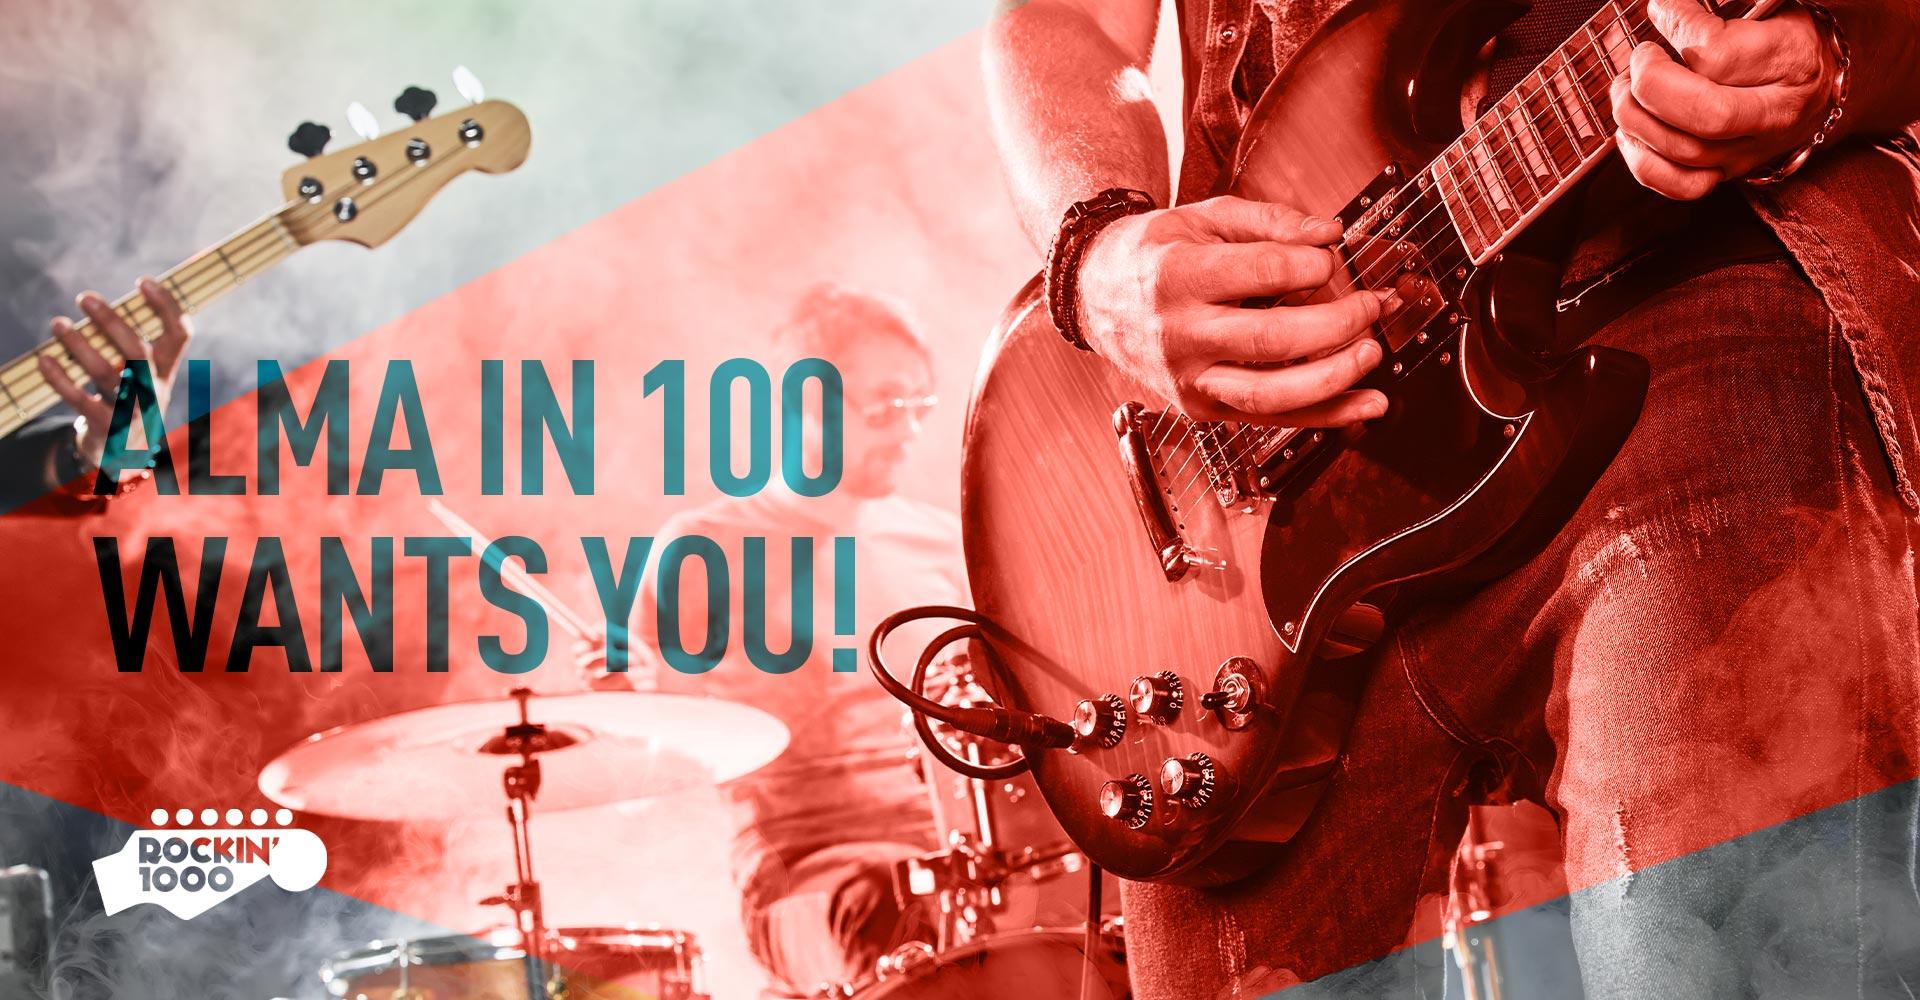 Header-Almain100+logo_Rockin1000